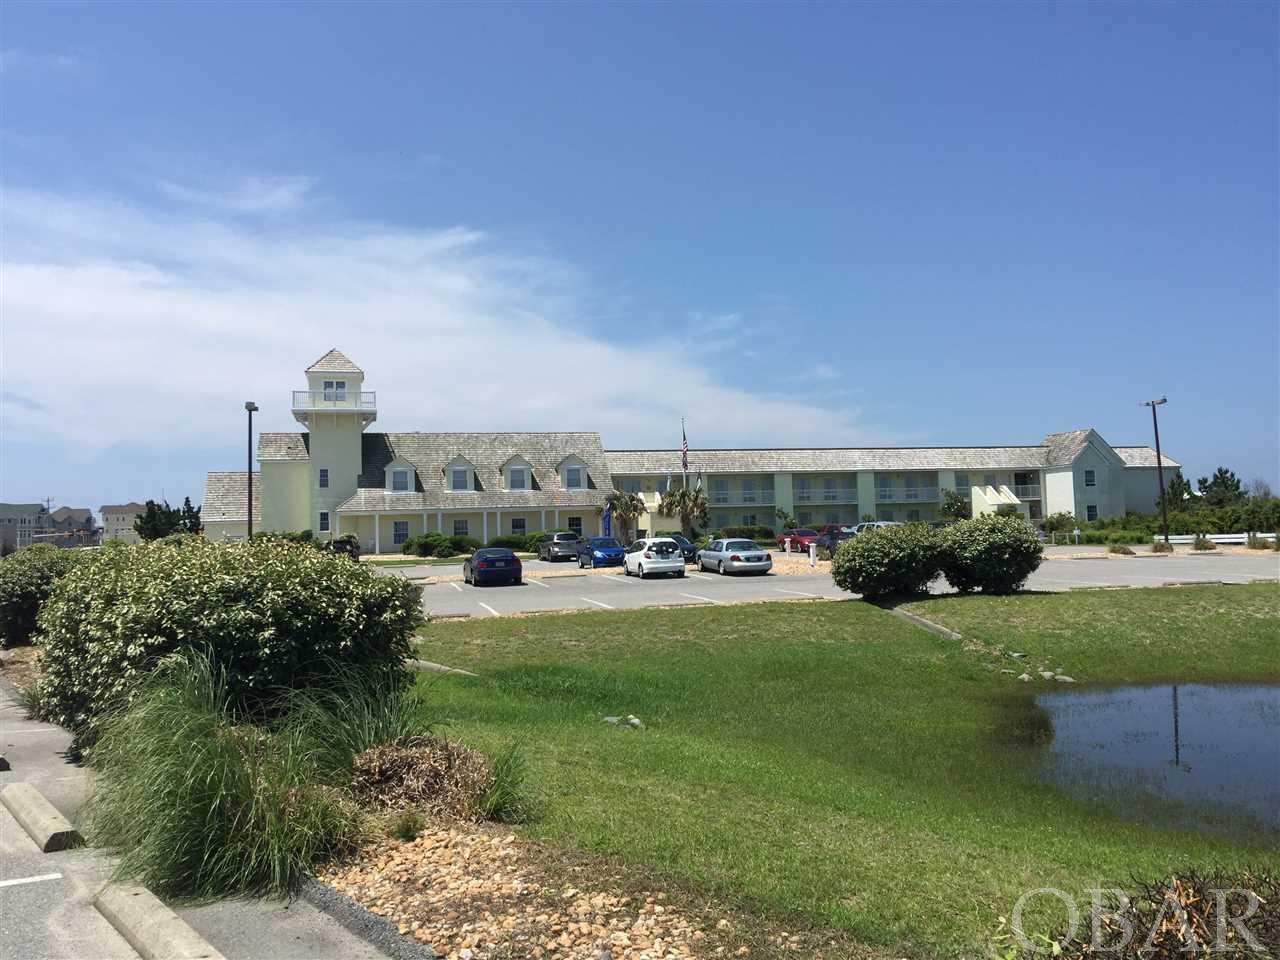 58822 Marina Way,Hatteras,NC 27943,1 Bedroom Bedrooms,1 BathroomBathrooms,Residential,Marina Way,100787